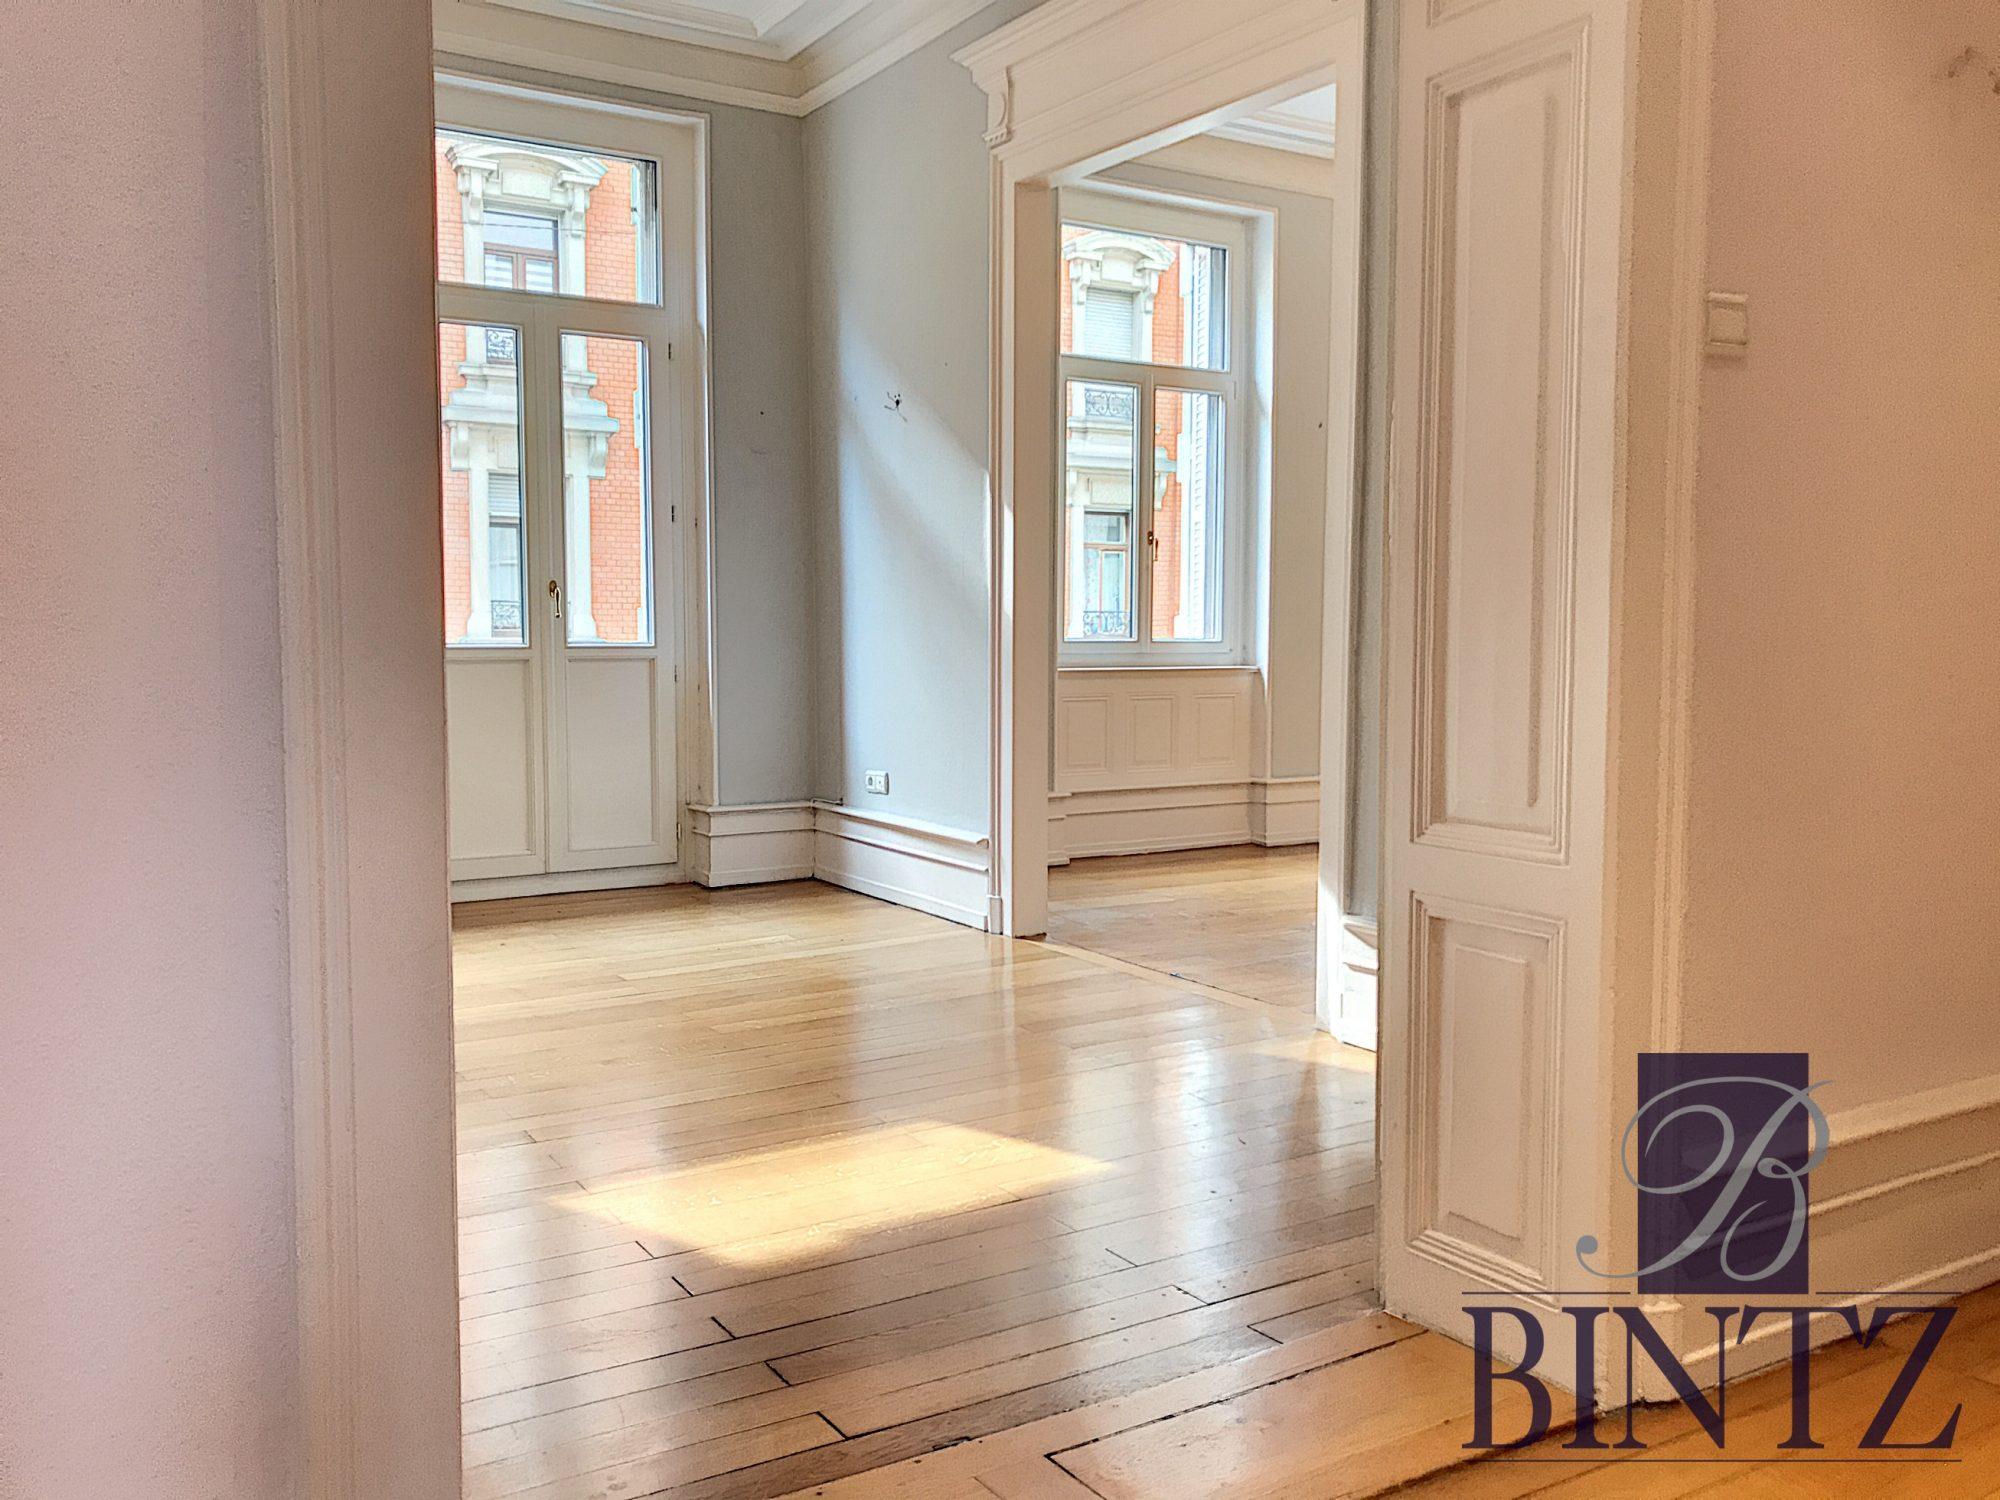 5 PIÈCES QUARTIER CONTADES AVEC 2 BALCONS - Devenez propriétaire en toute confiance - Bintz Immobilier - 3